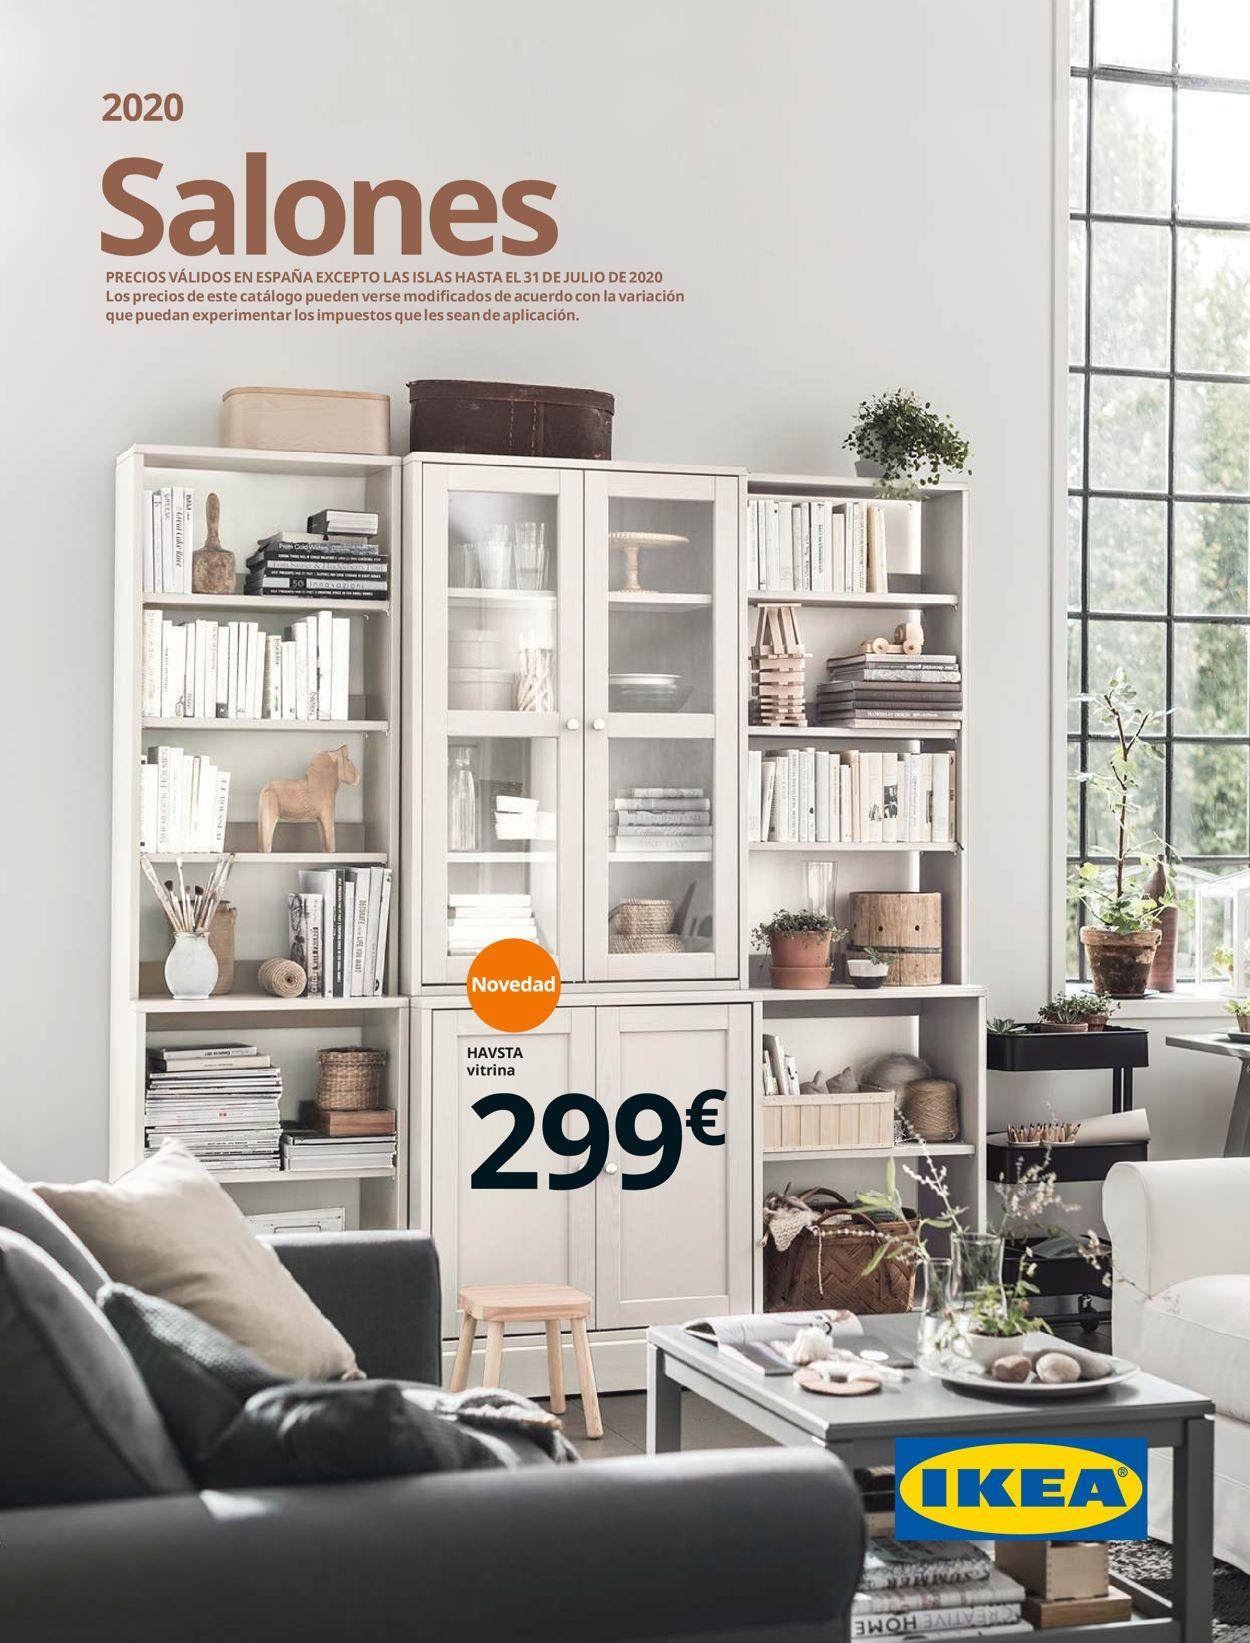 IKEA Folleto - 01.09-31.07.2020